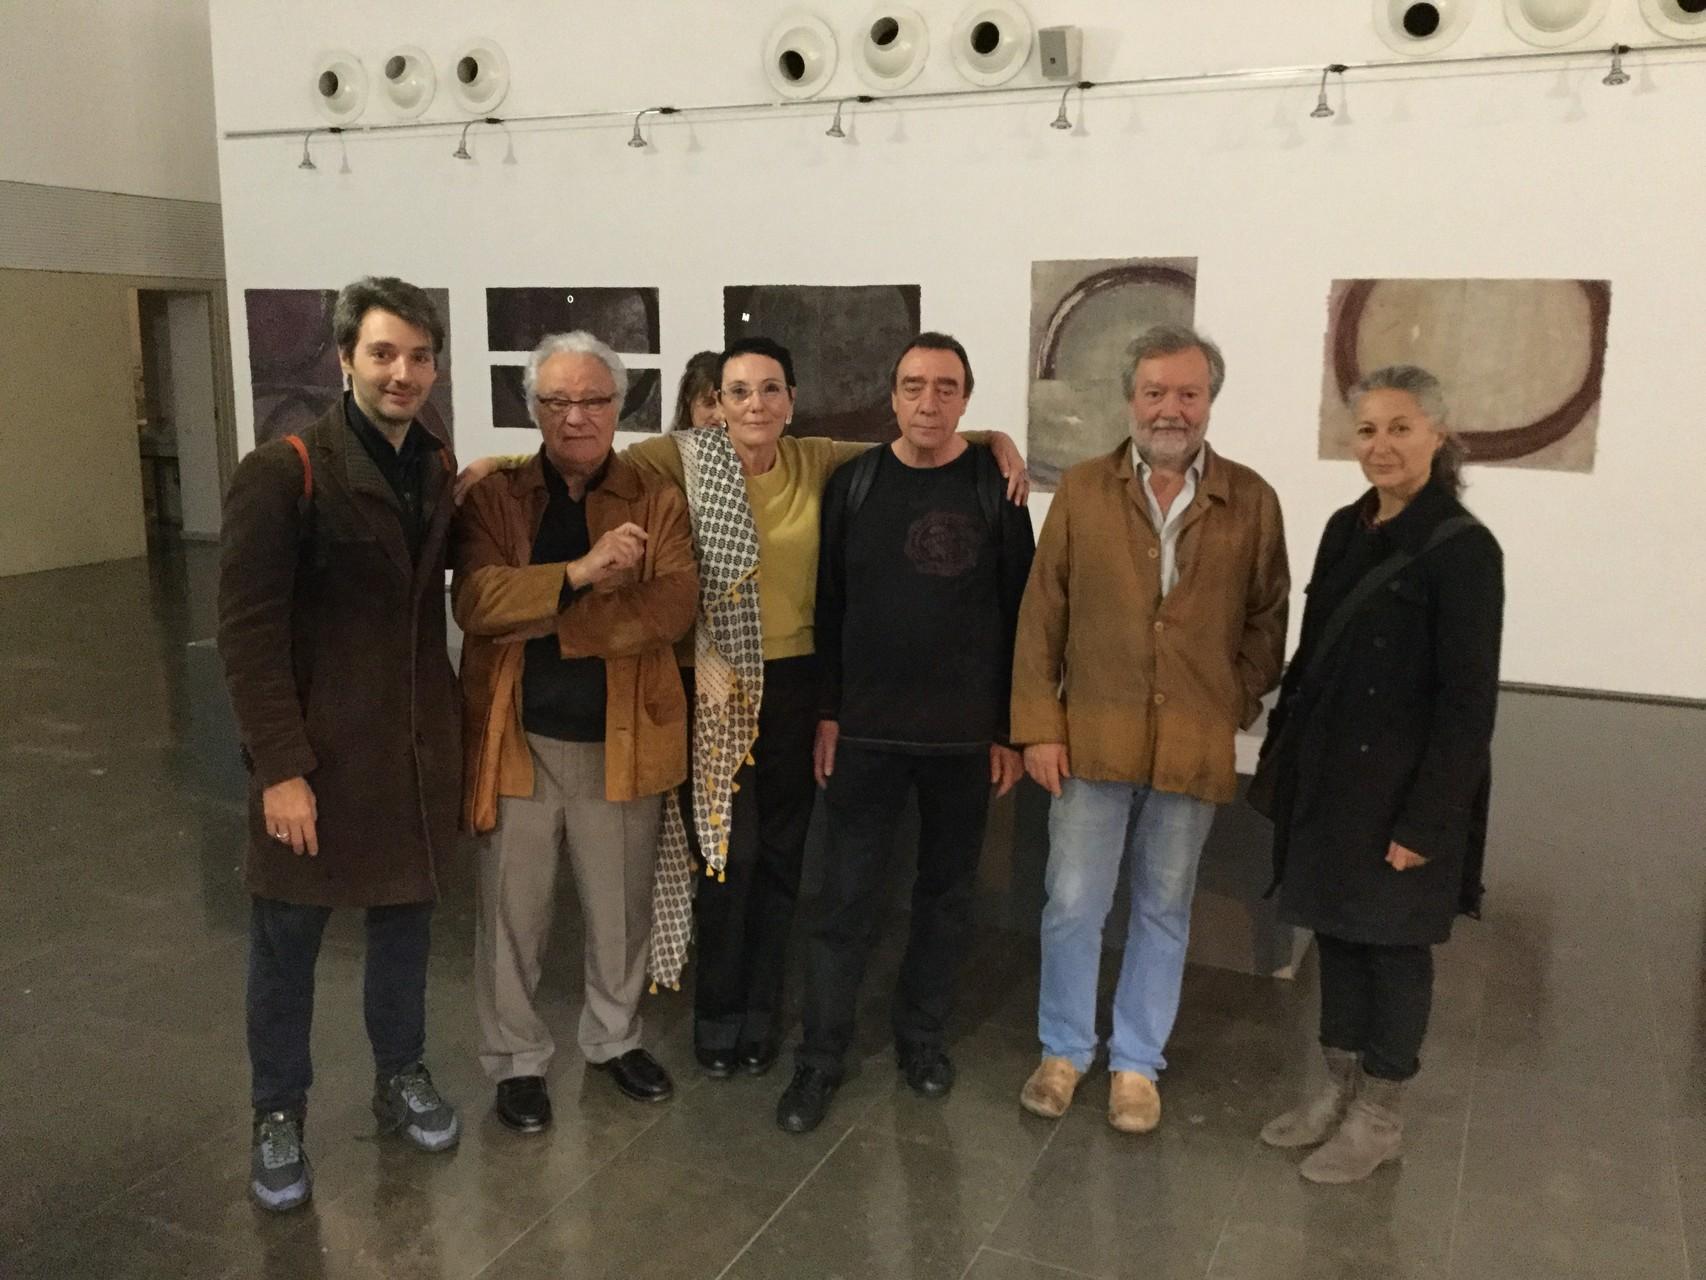 Om Barbarà, Josep Maria Aviles, jo, Manel Ruano, Virgili Barbarà i Pepa Busquè. Feliç de que hi fossin.